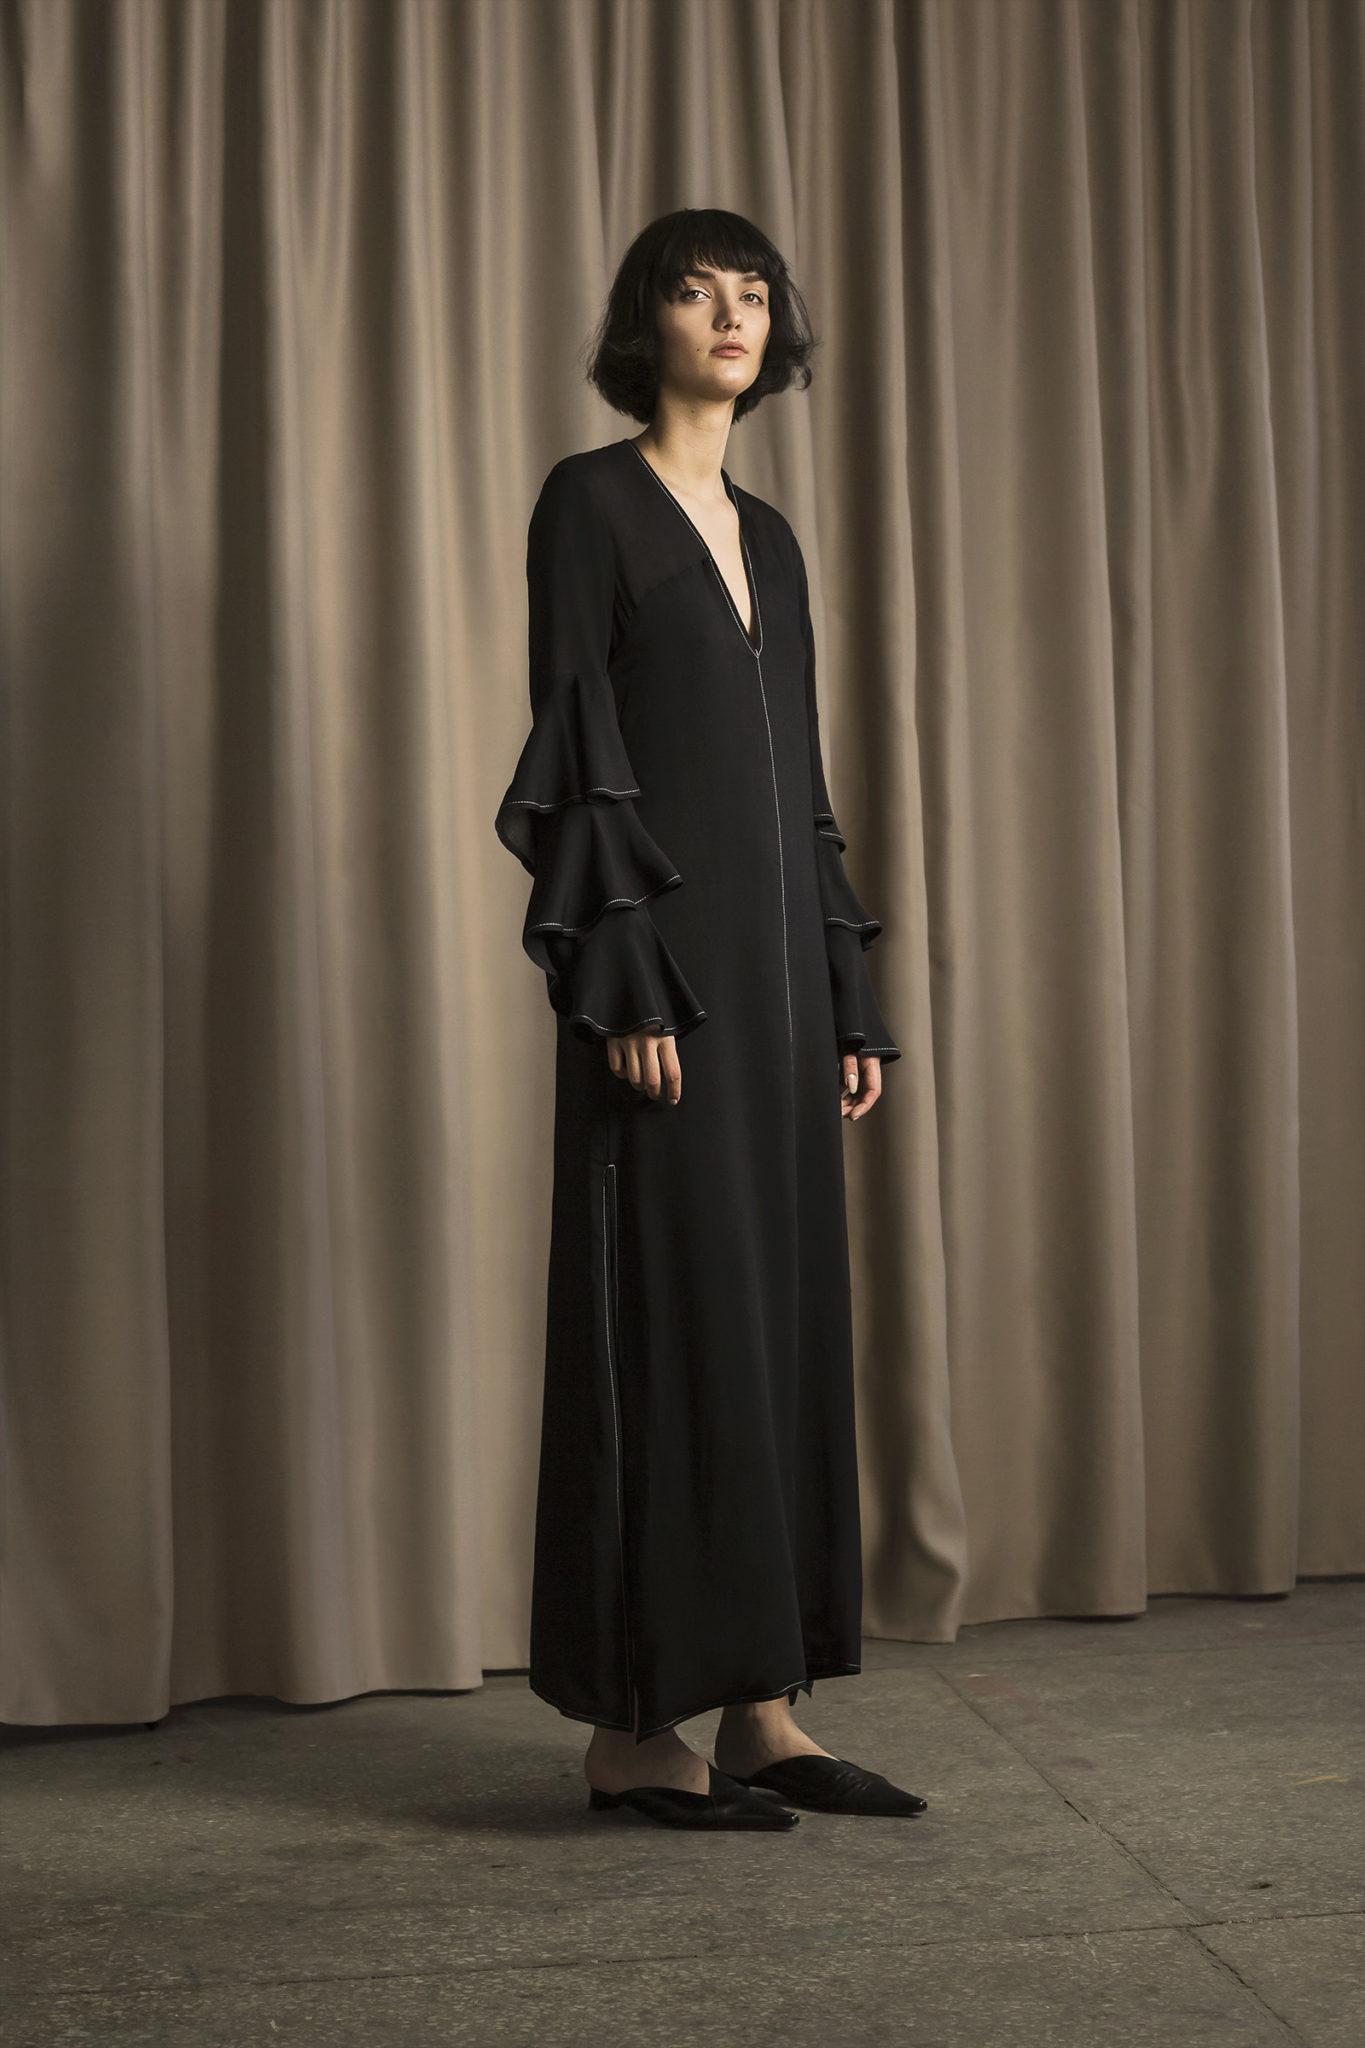 Na zdjeciu widzimy kobiete w krotkich wlosach ubrana na czarno w midi spodnice i bluzke na brazowym tle zrobionym z materialu